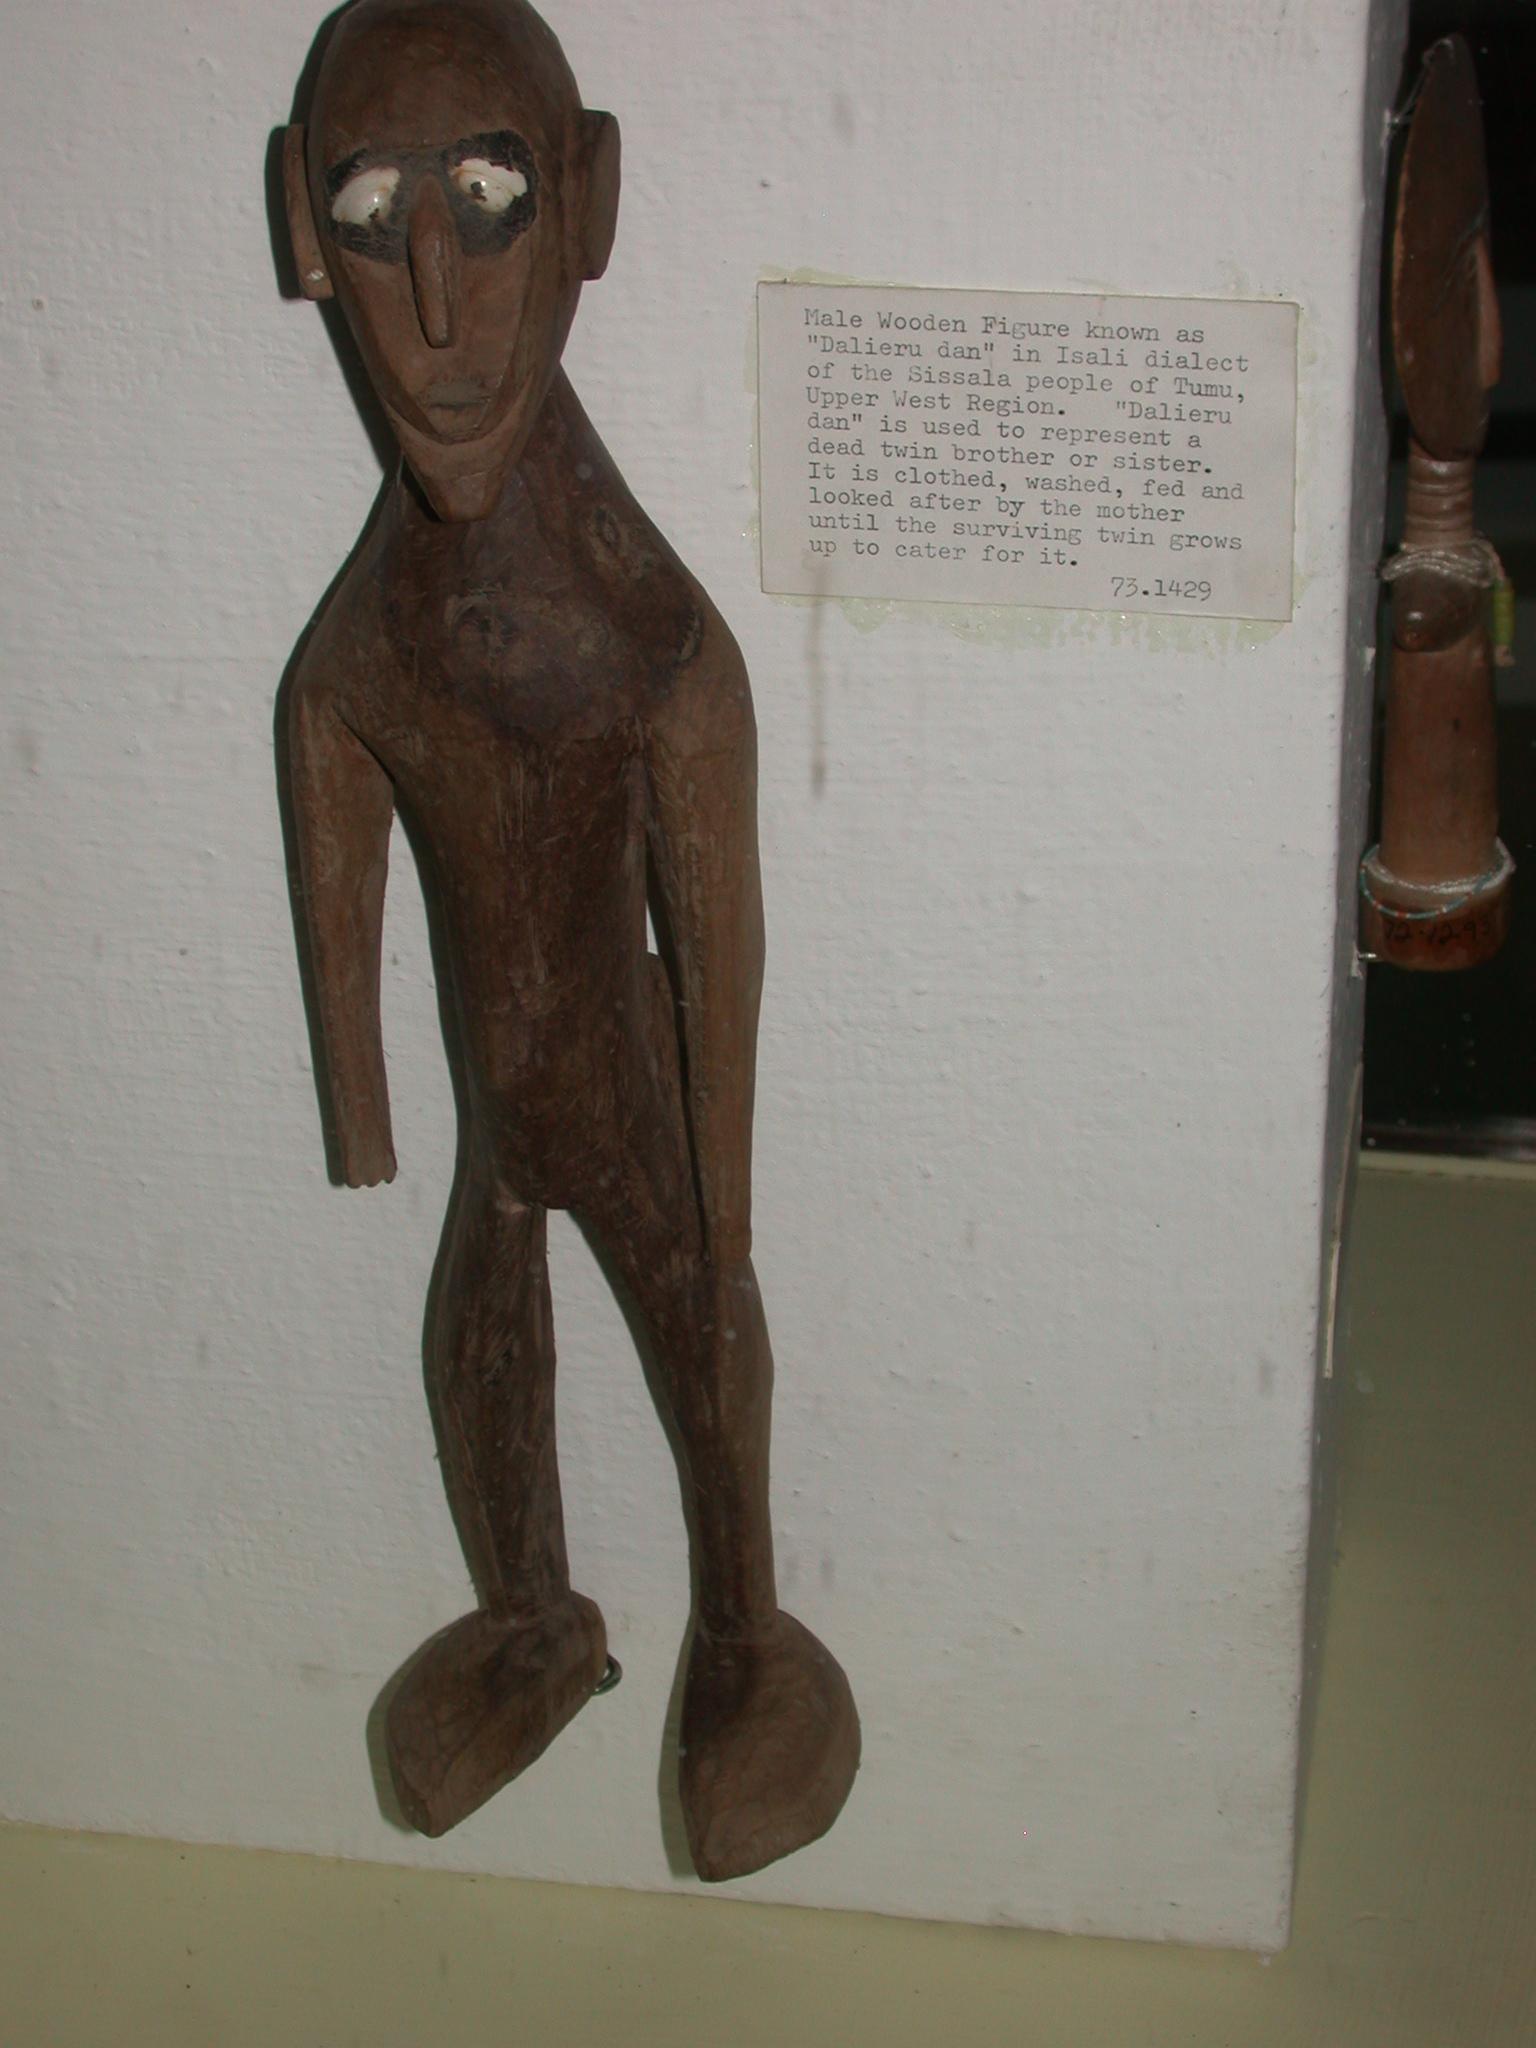 Dead Twin Figure Known as Dalieru Dan, Isali Dialect, Sissala People of Tumu, Upper West Region, National Museum, Accra, Ghana